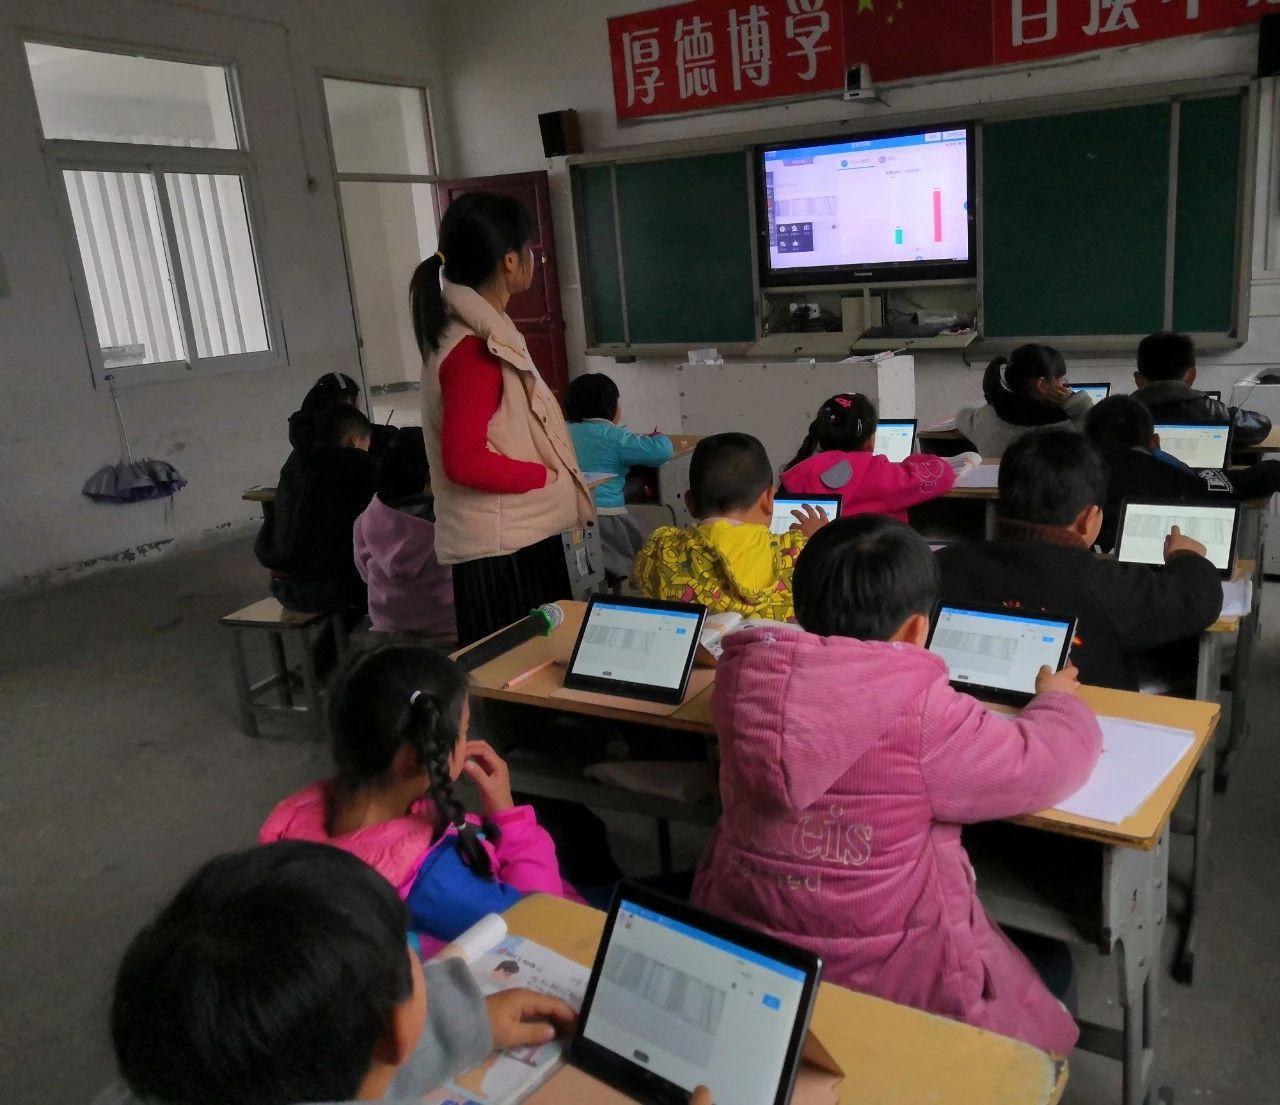 """安徽:""""在线课堂""""拉近城乡距离 教育信息化促教育公平"""